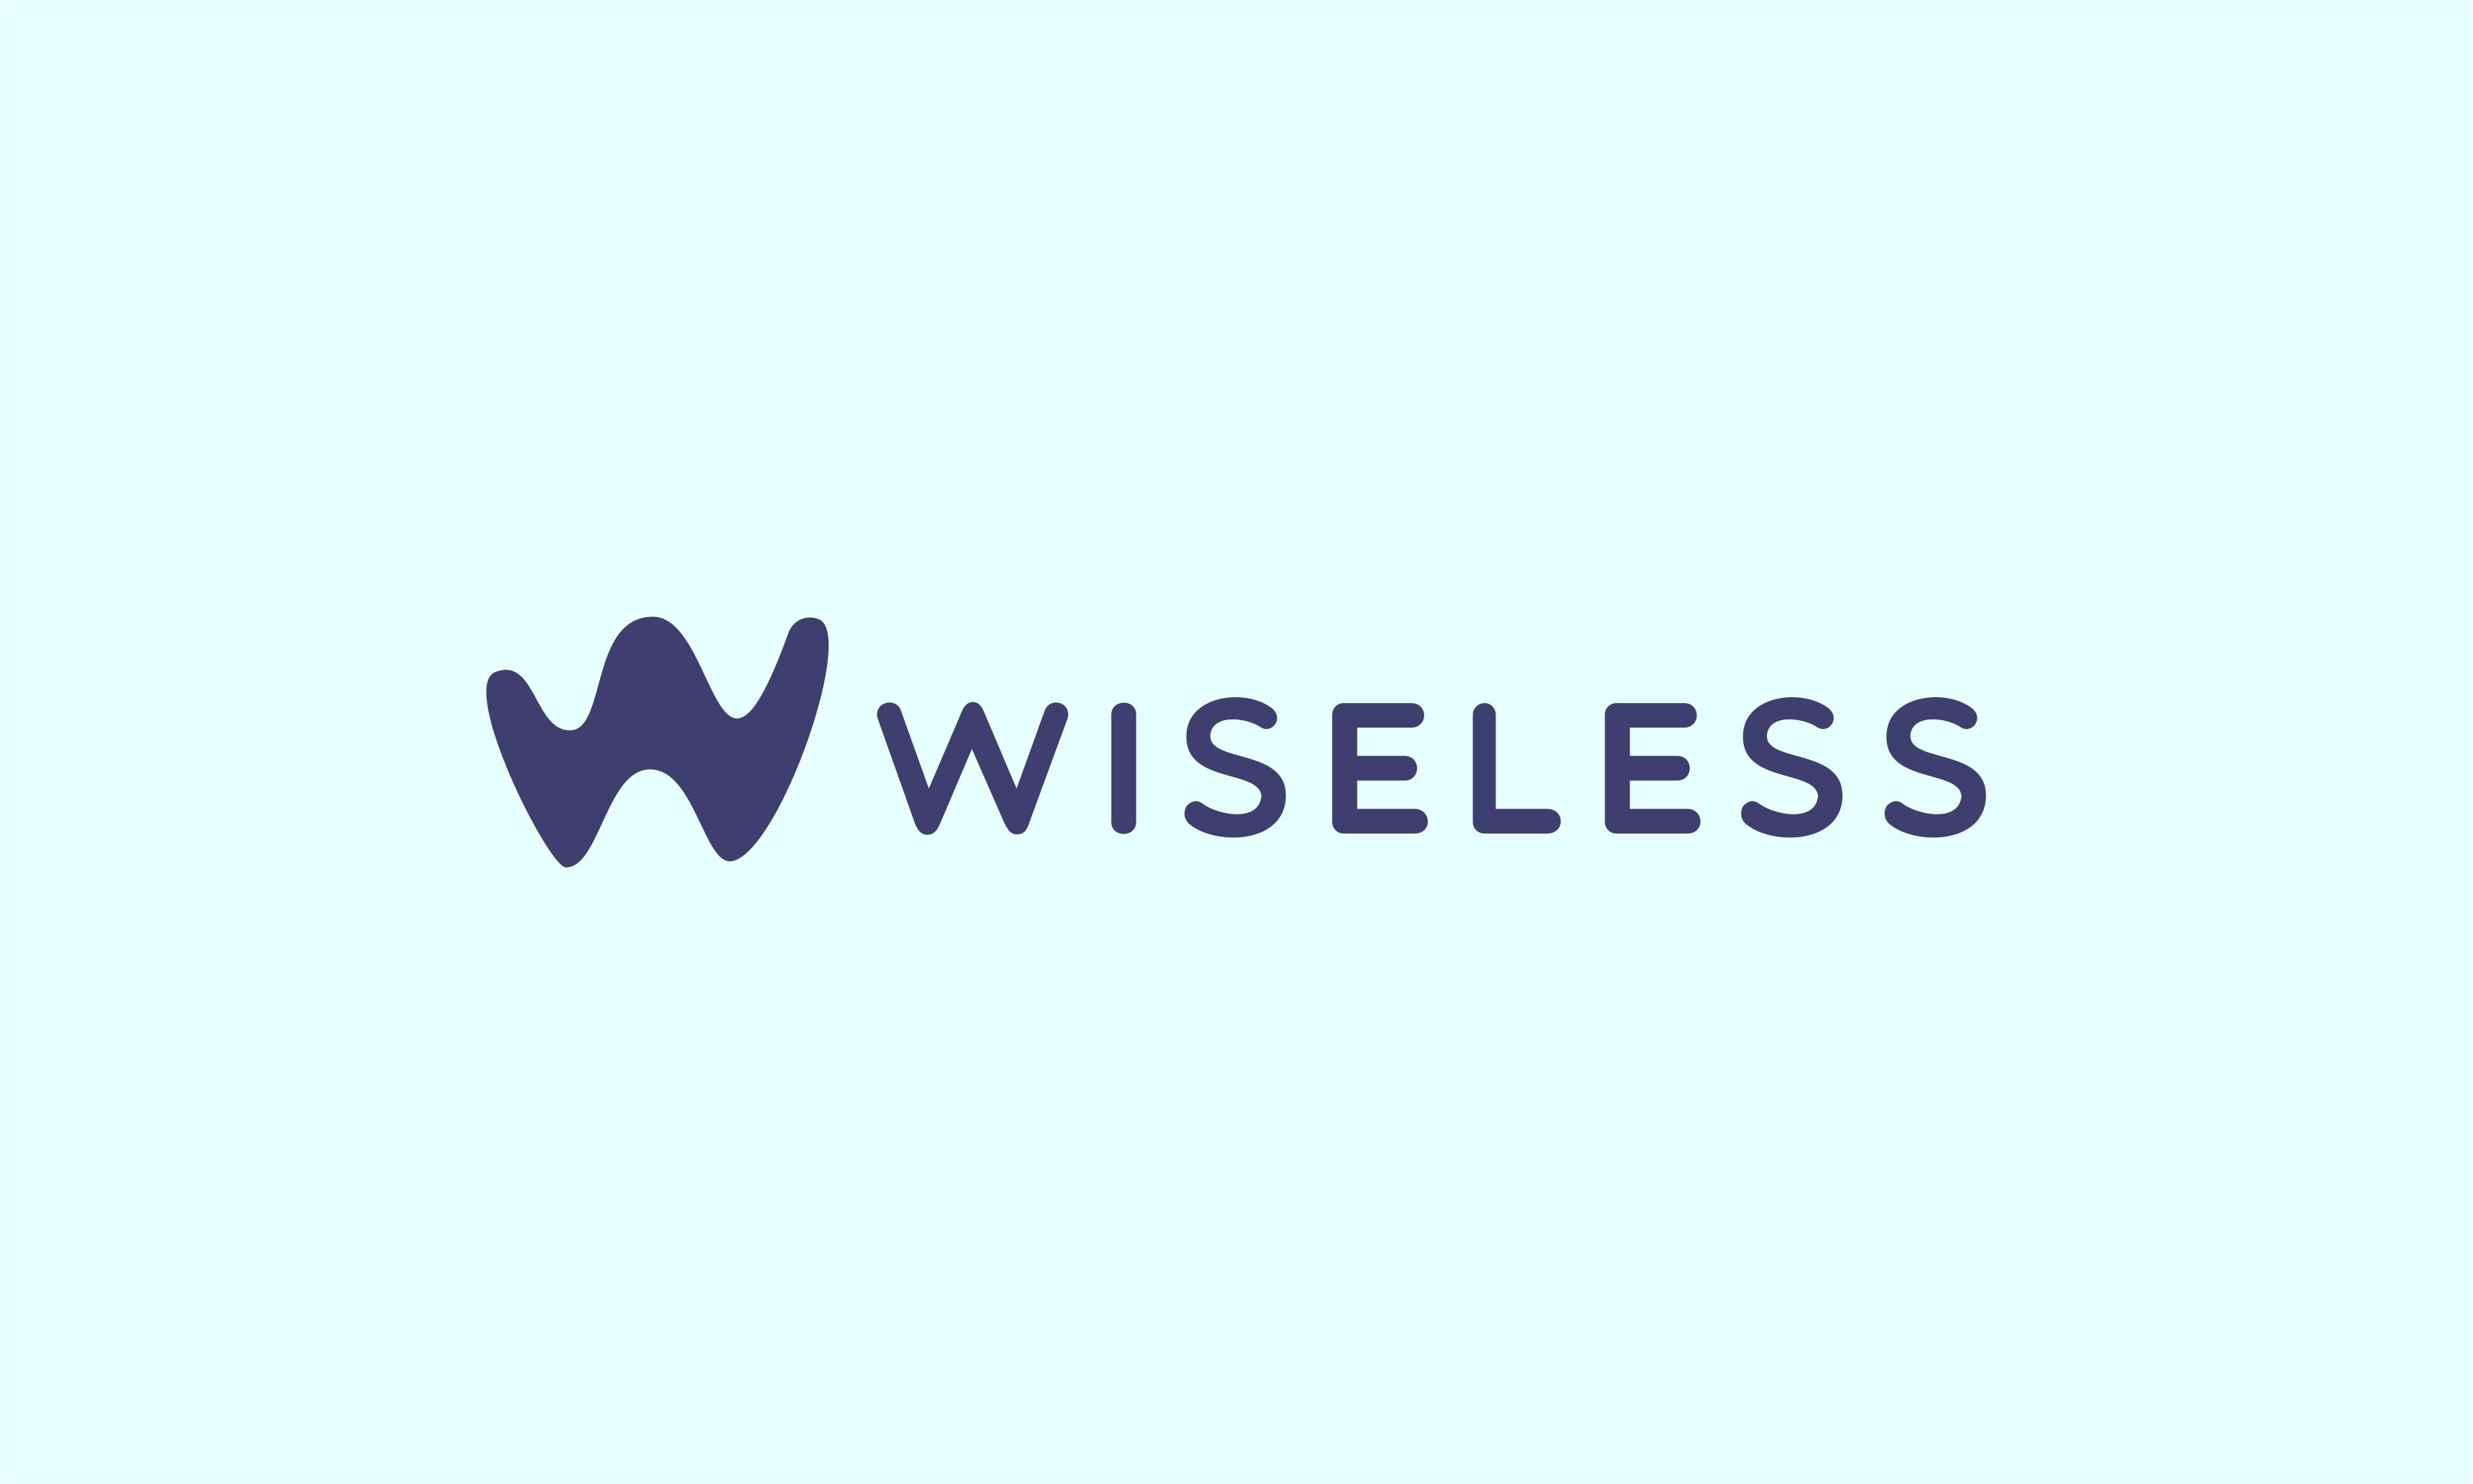 Wiseless